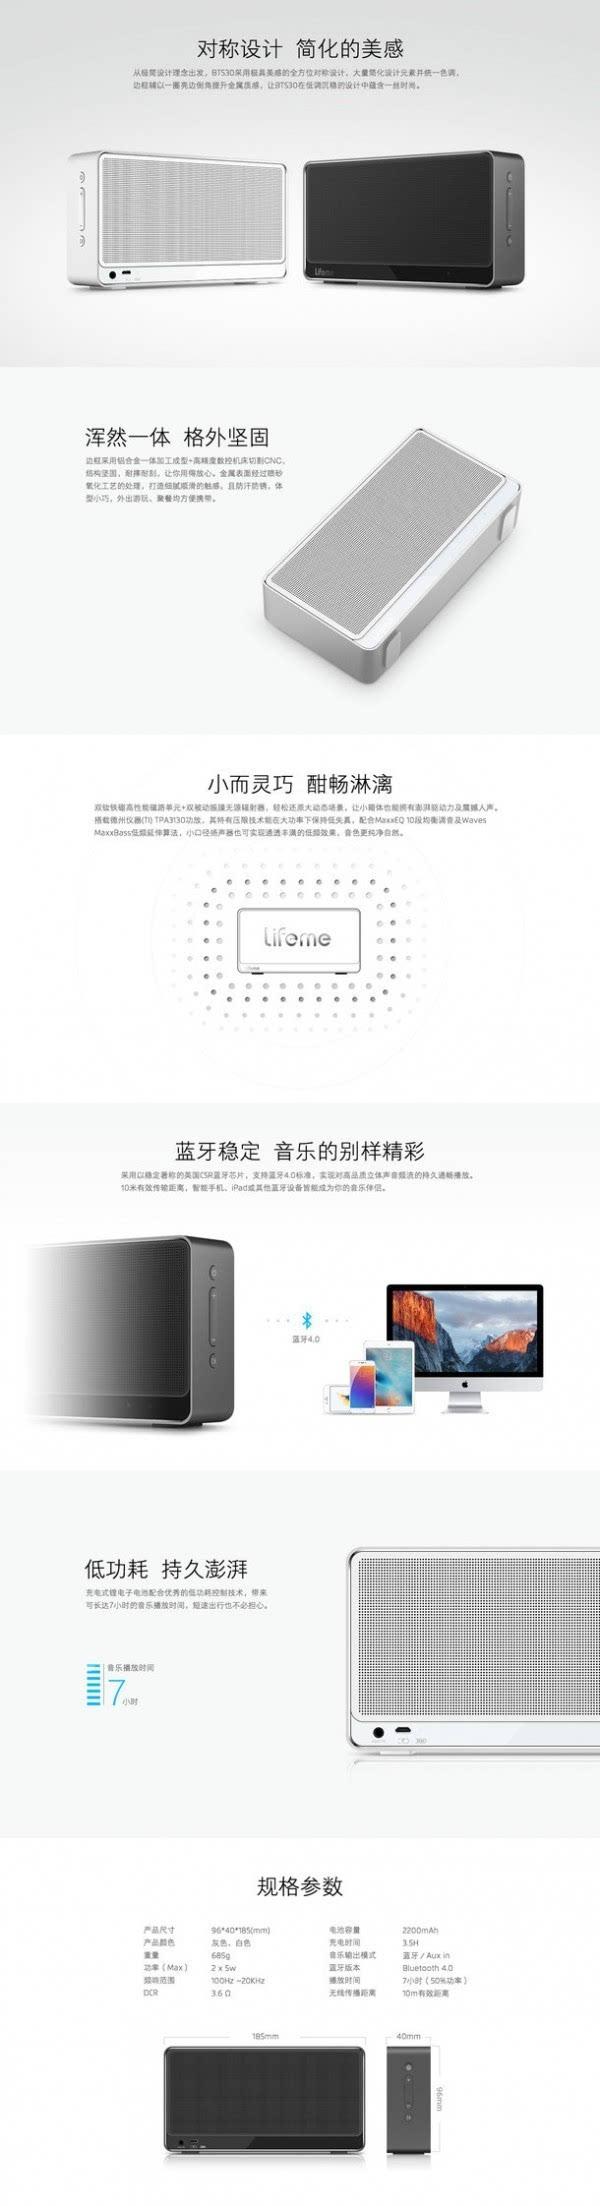 魅族发布Lifeme BTS30蓝牙音箱 售价399元的照片 - 3